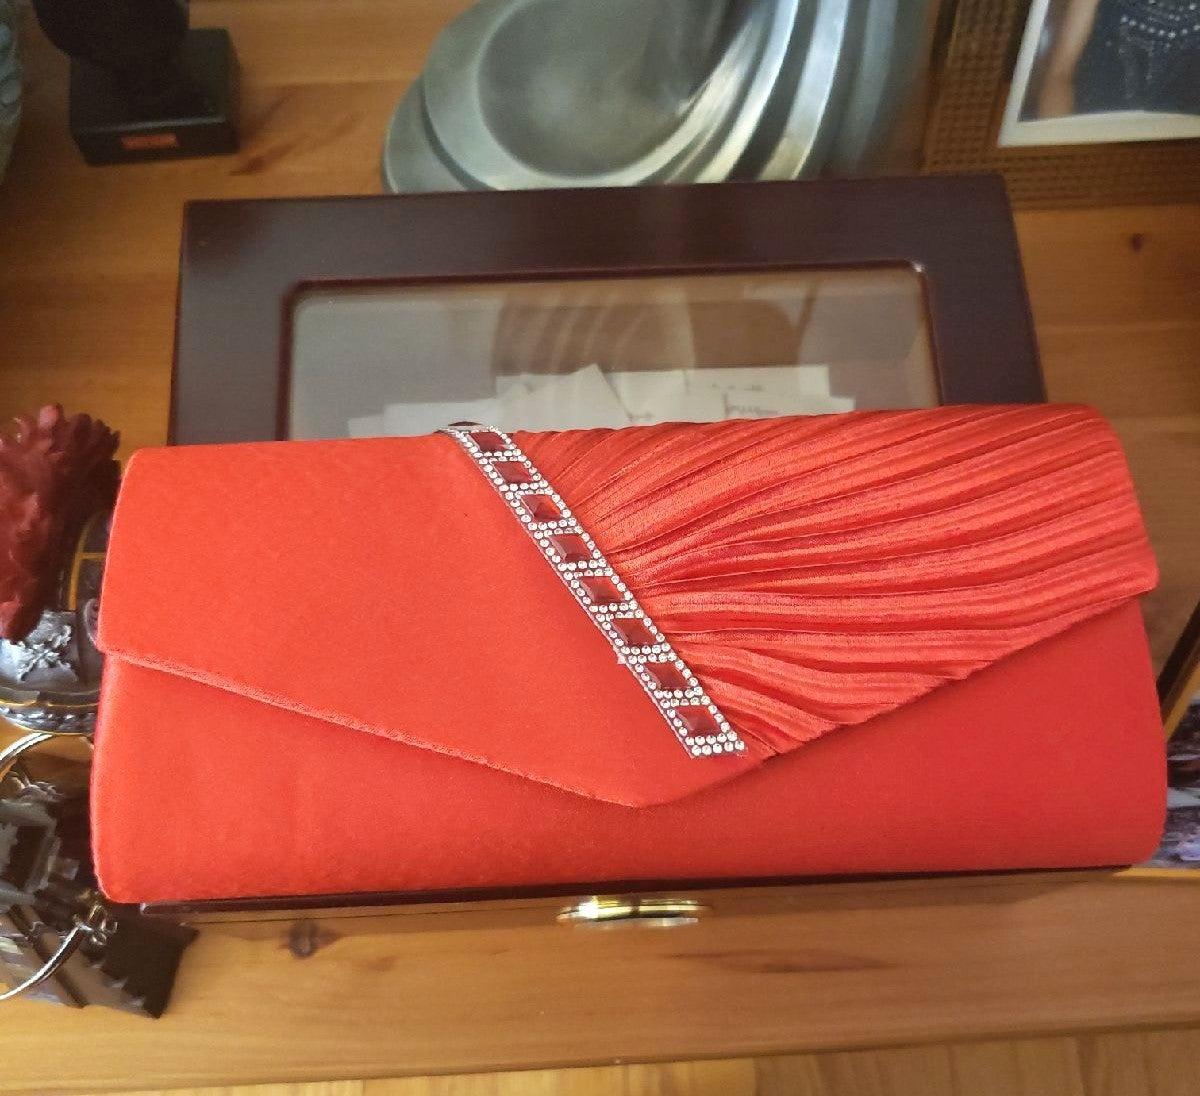 NWT Damara Red Pleated Clutch